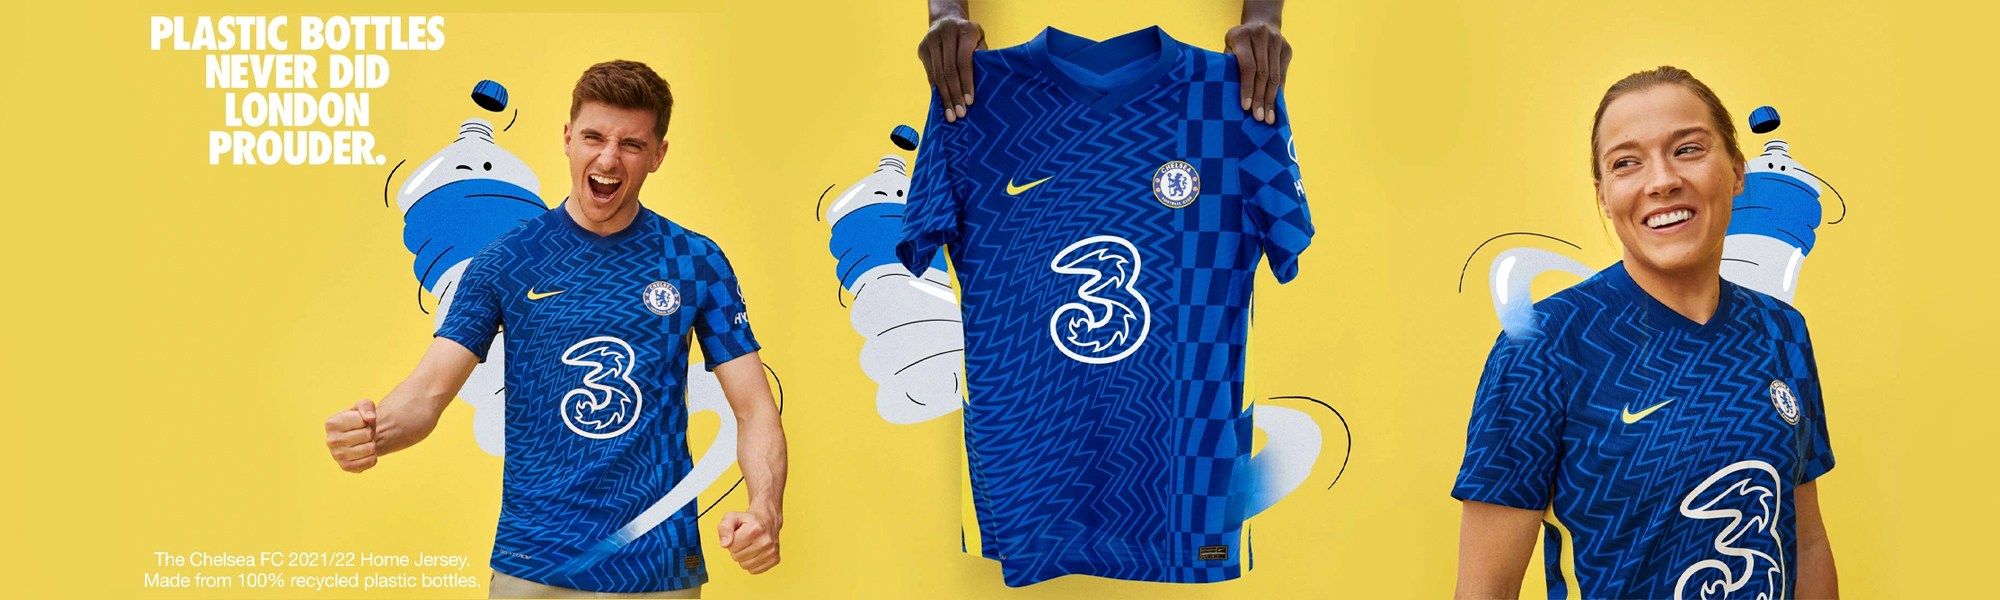 Chelsea Jersey Chelsea Shirt Soccerpro